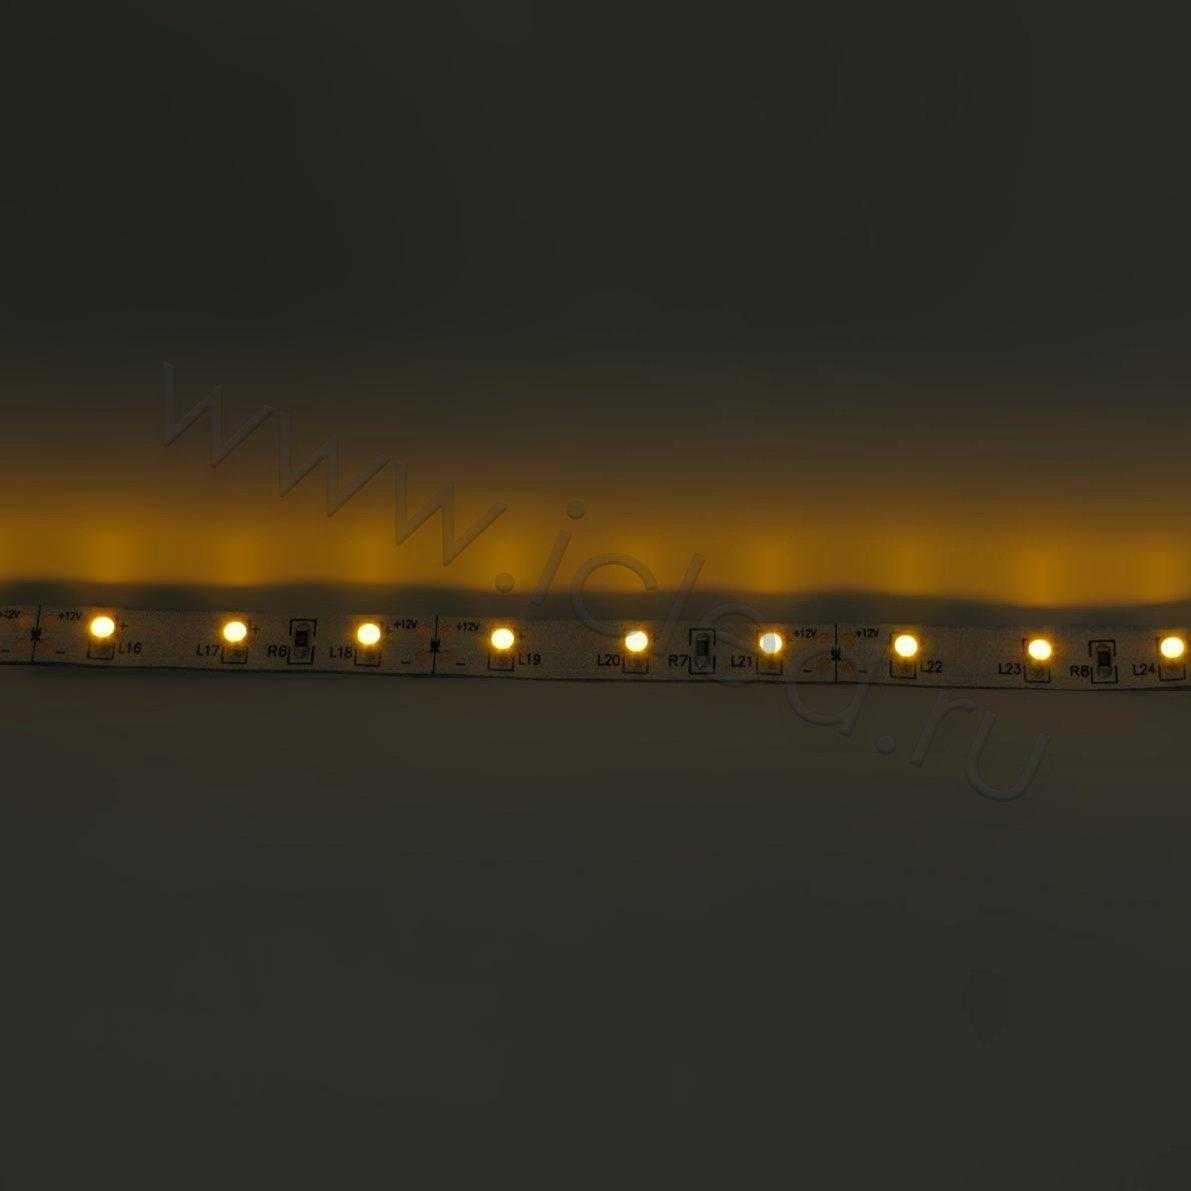 Светодиодная лента Class B, 3528, 60 led/m, Yellow, 12V, IP33